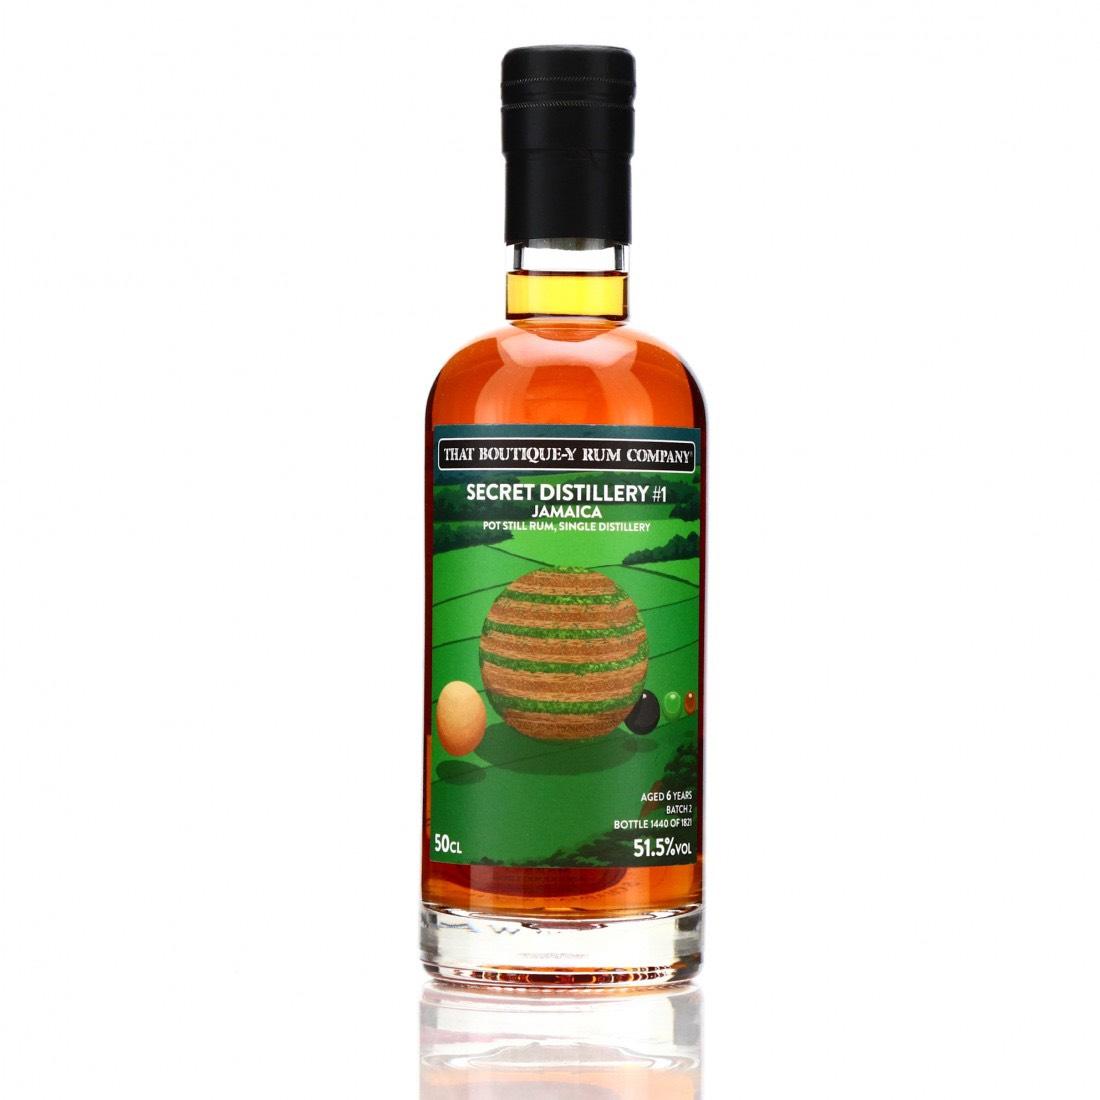 Bottle image of Secret Distillery #1